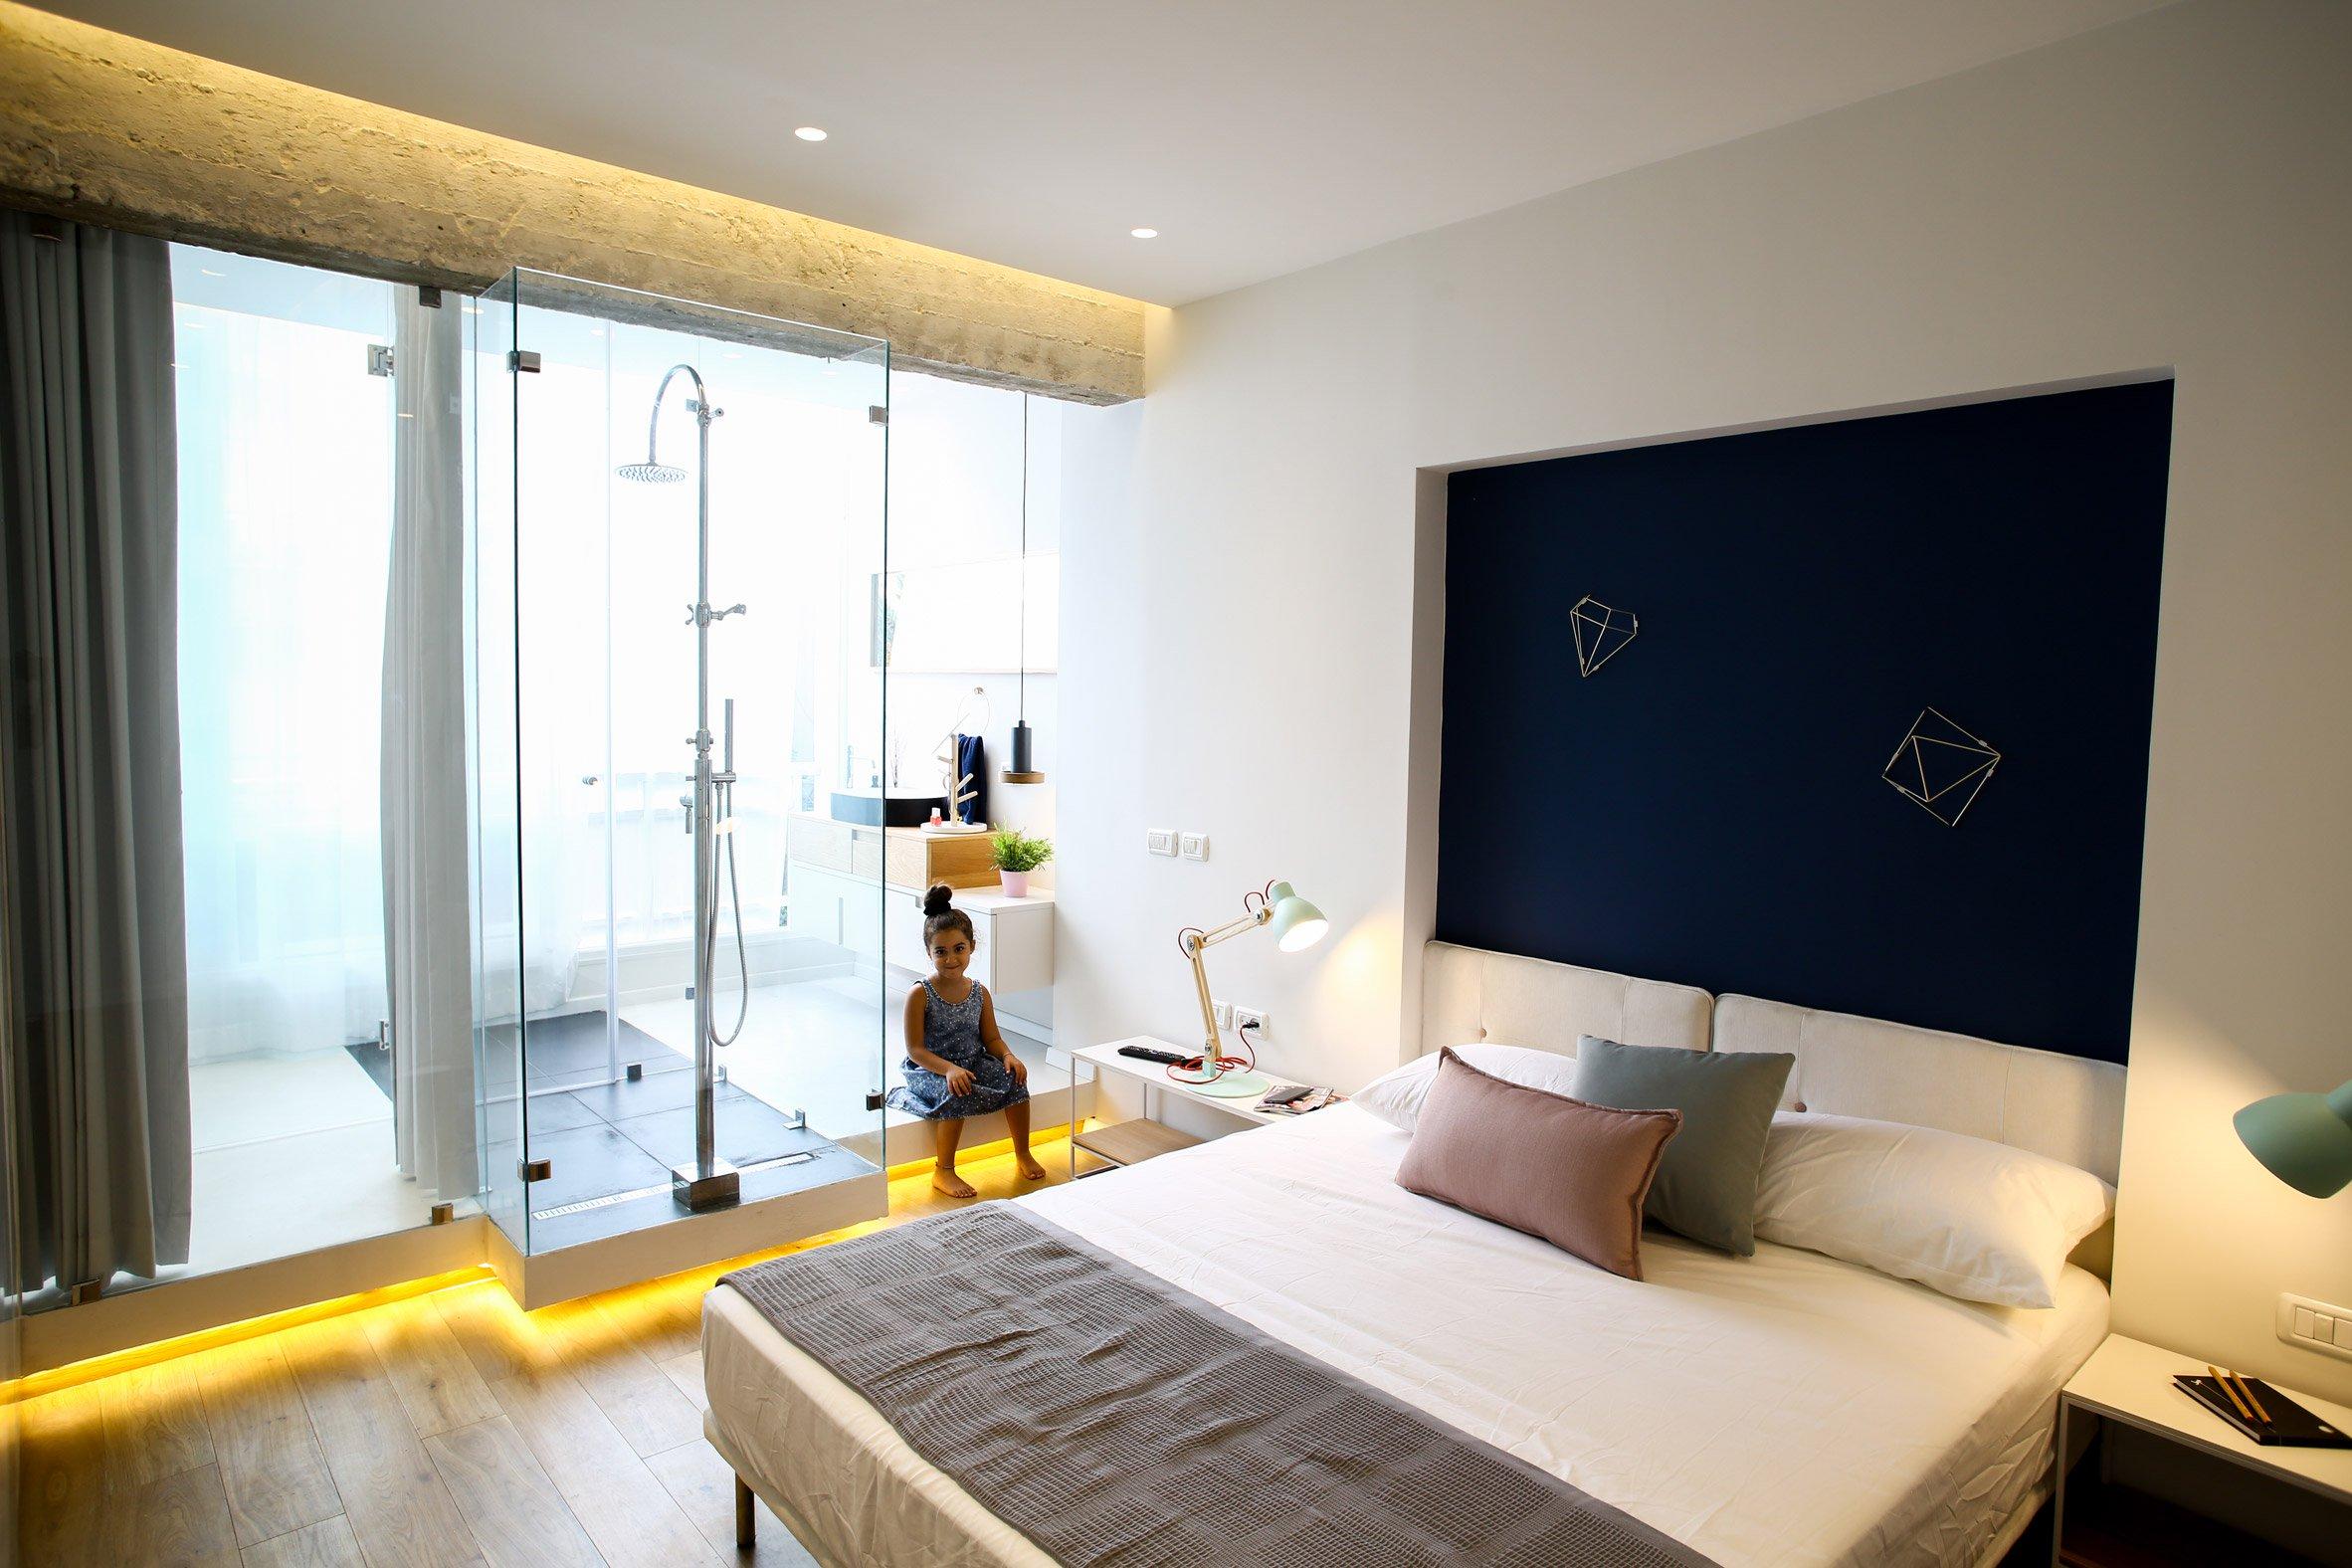 architecture-apartment-tel-aviv-design-studia-interiors-osnovadesign-osnova-poltava_11